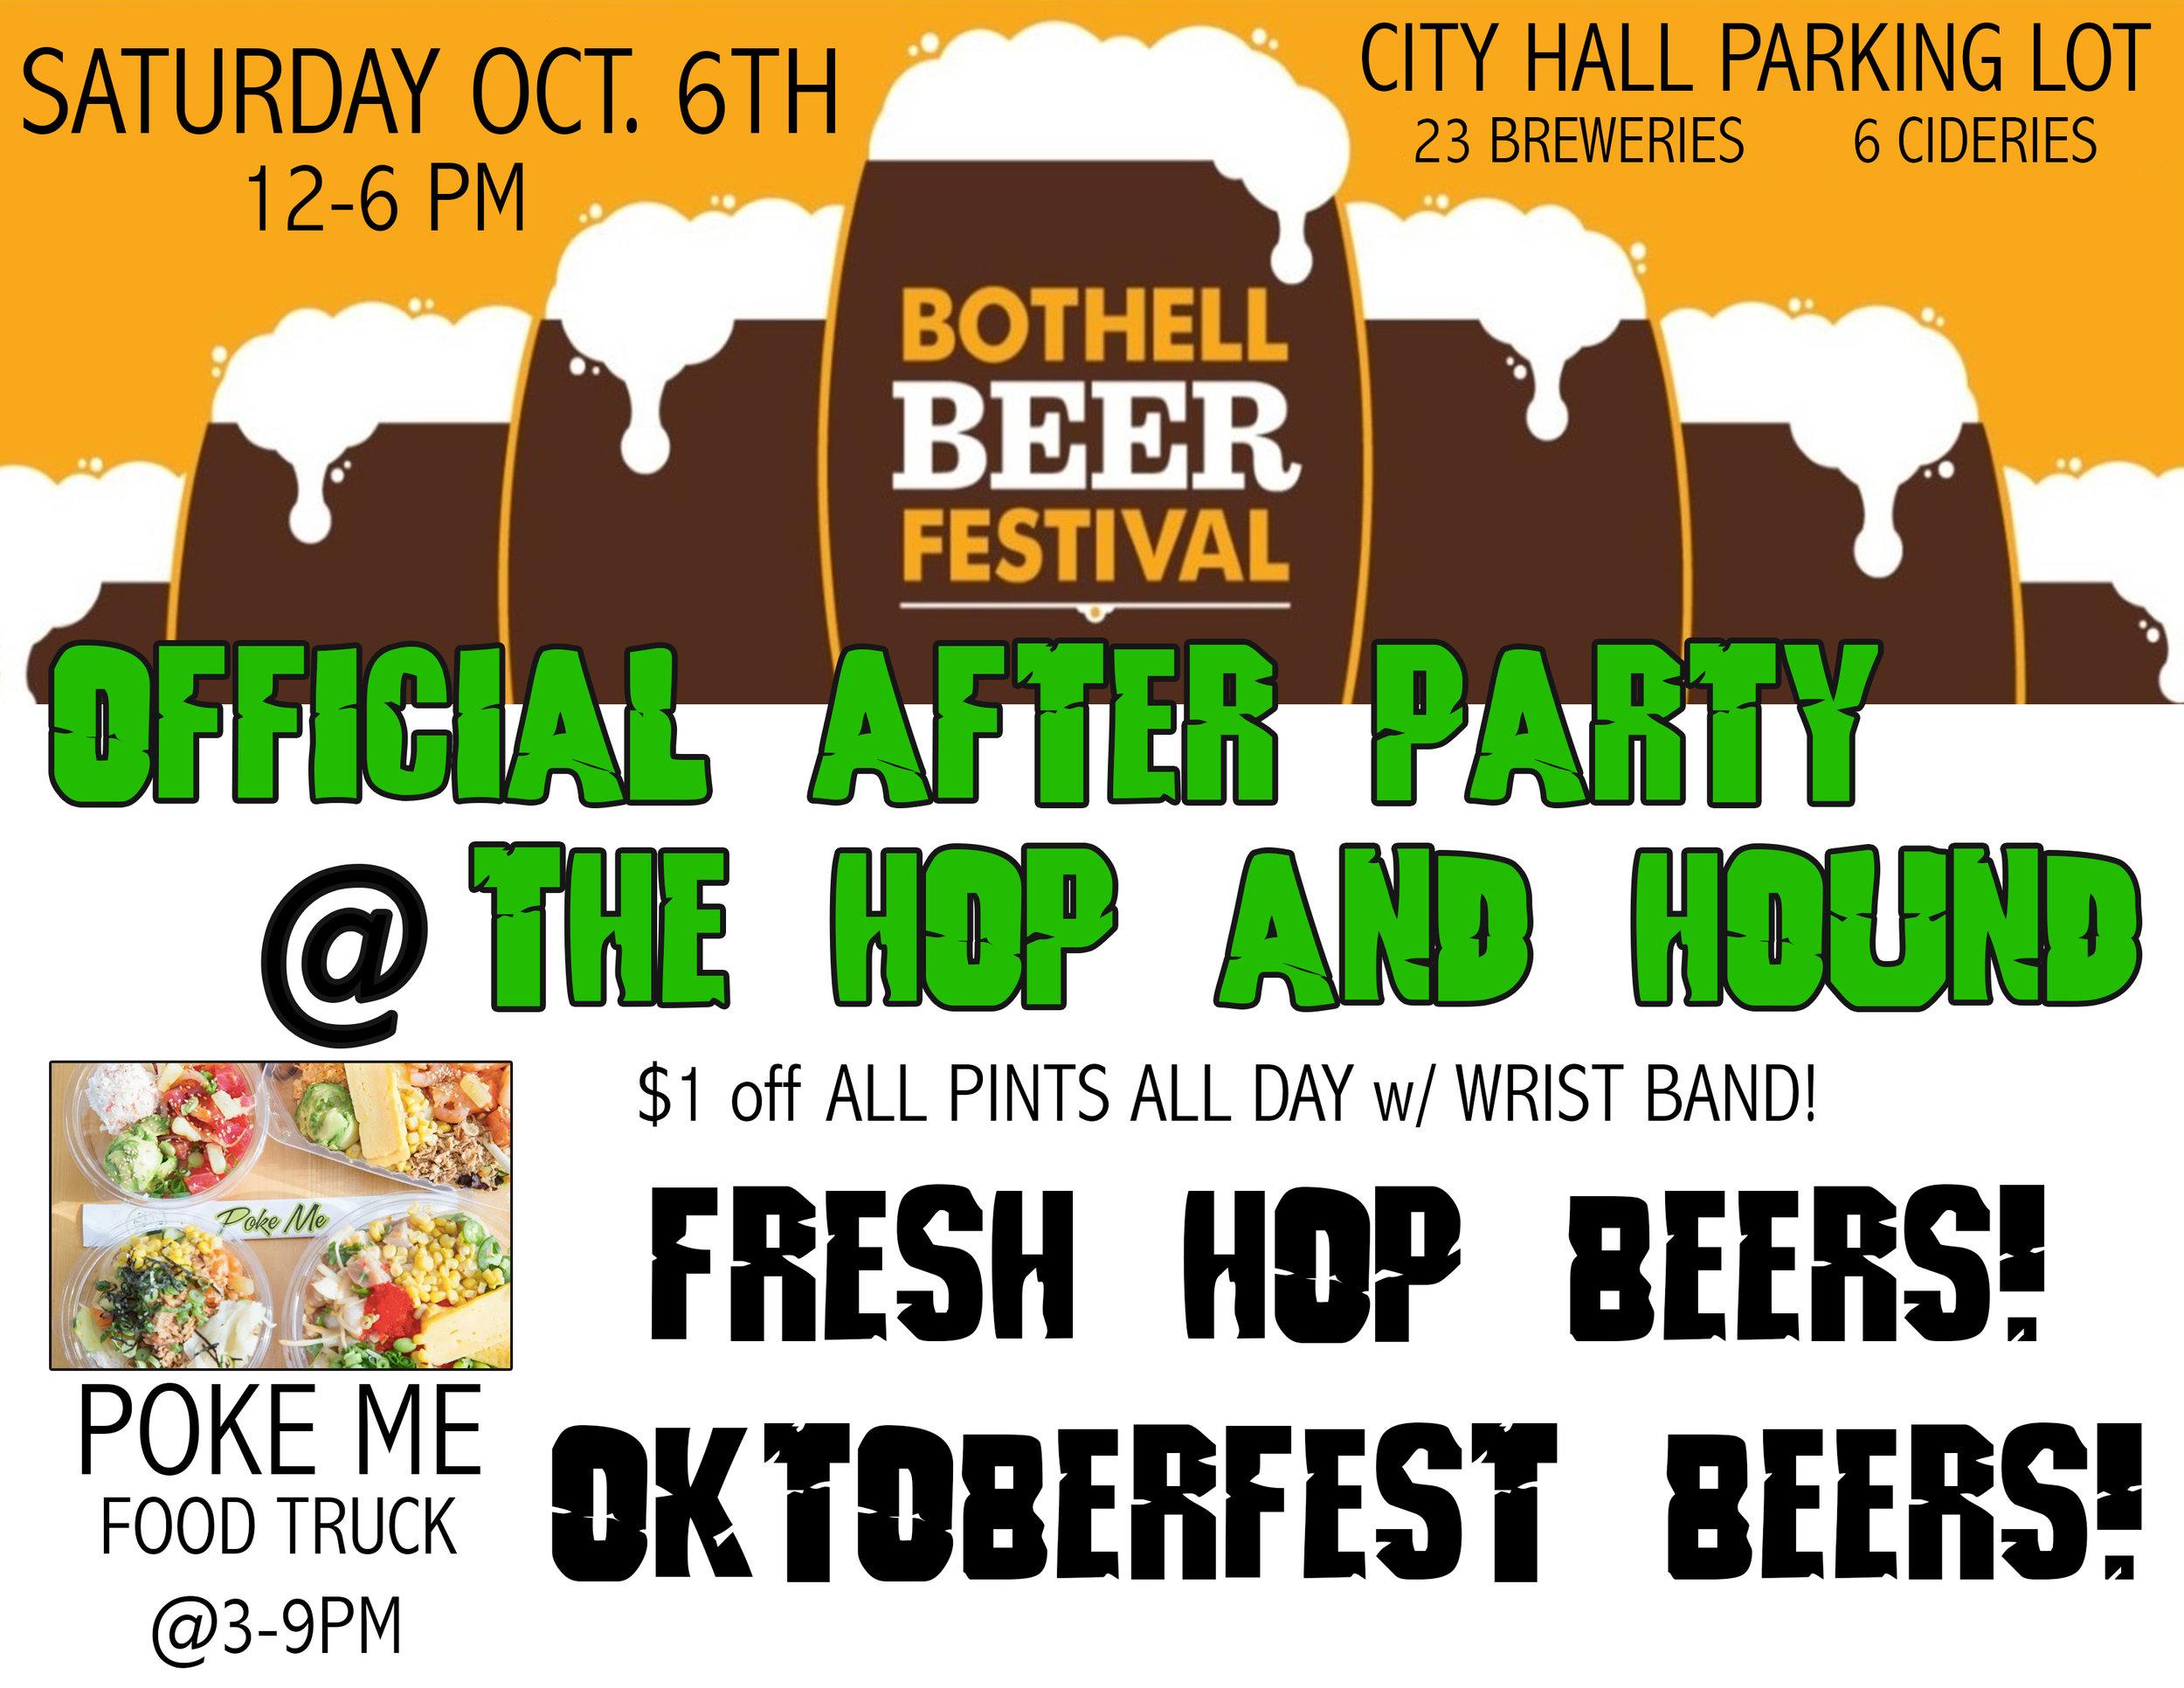 2018 Bothell Beer Fest Flyer.jpg